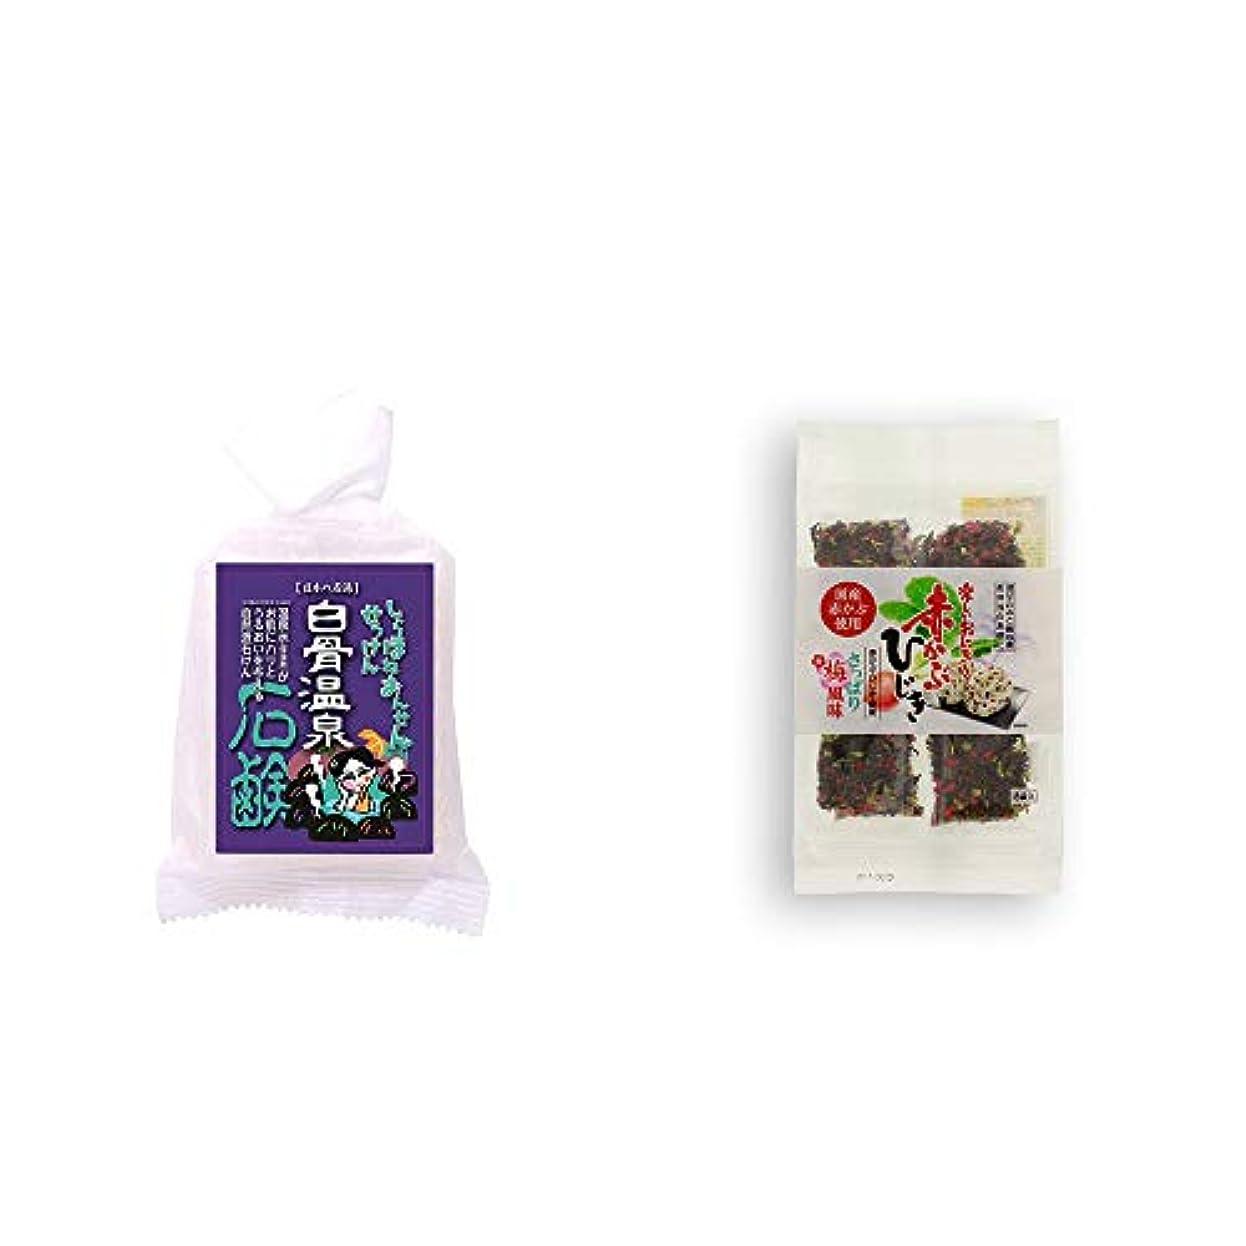 関数ナンセンス真面目な[2点セット] 信州 白骨温泉石鹸(80g)?楽しいおにぎり 赤かぶひじき(8g×8袋)